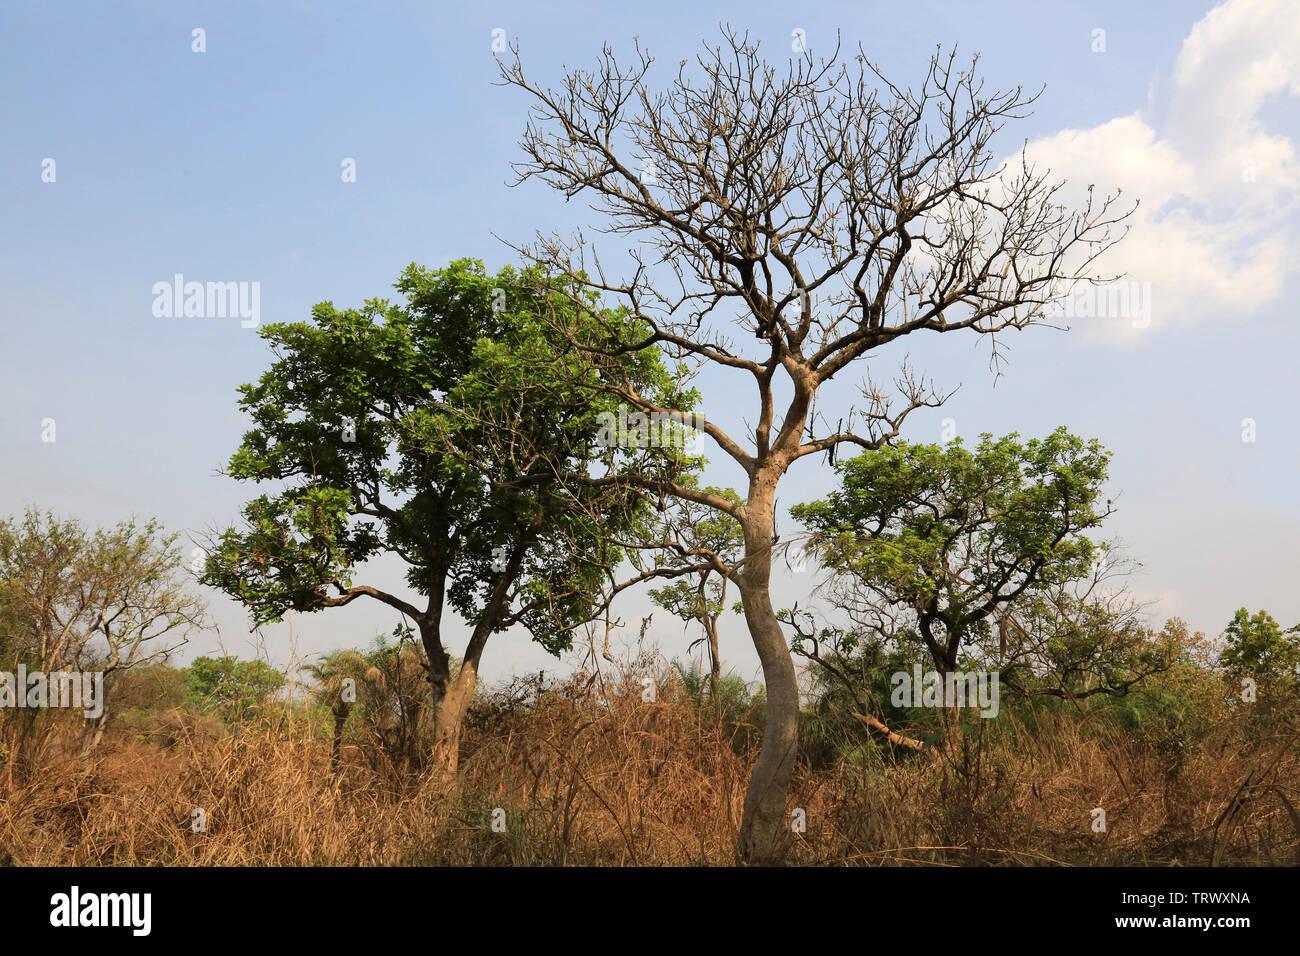 La brousse. Datcha Attikpayé. Togo. Afrique de l'Ouest Stock Photo